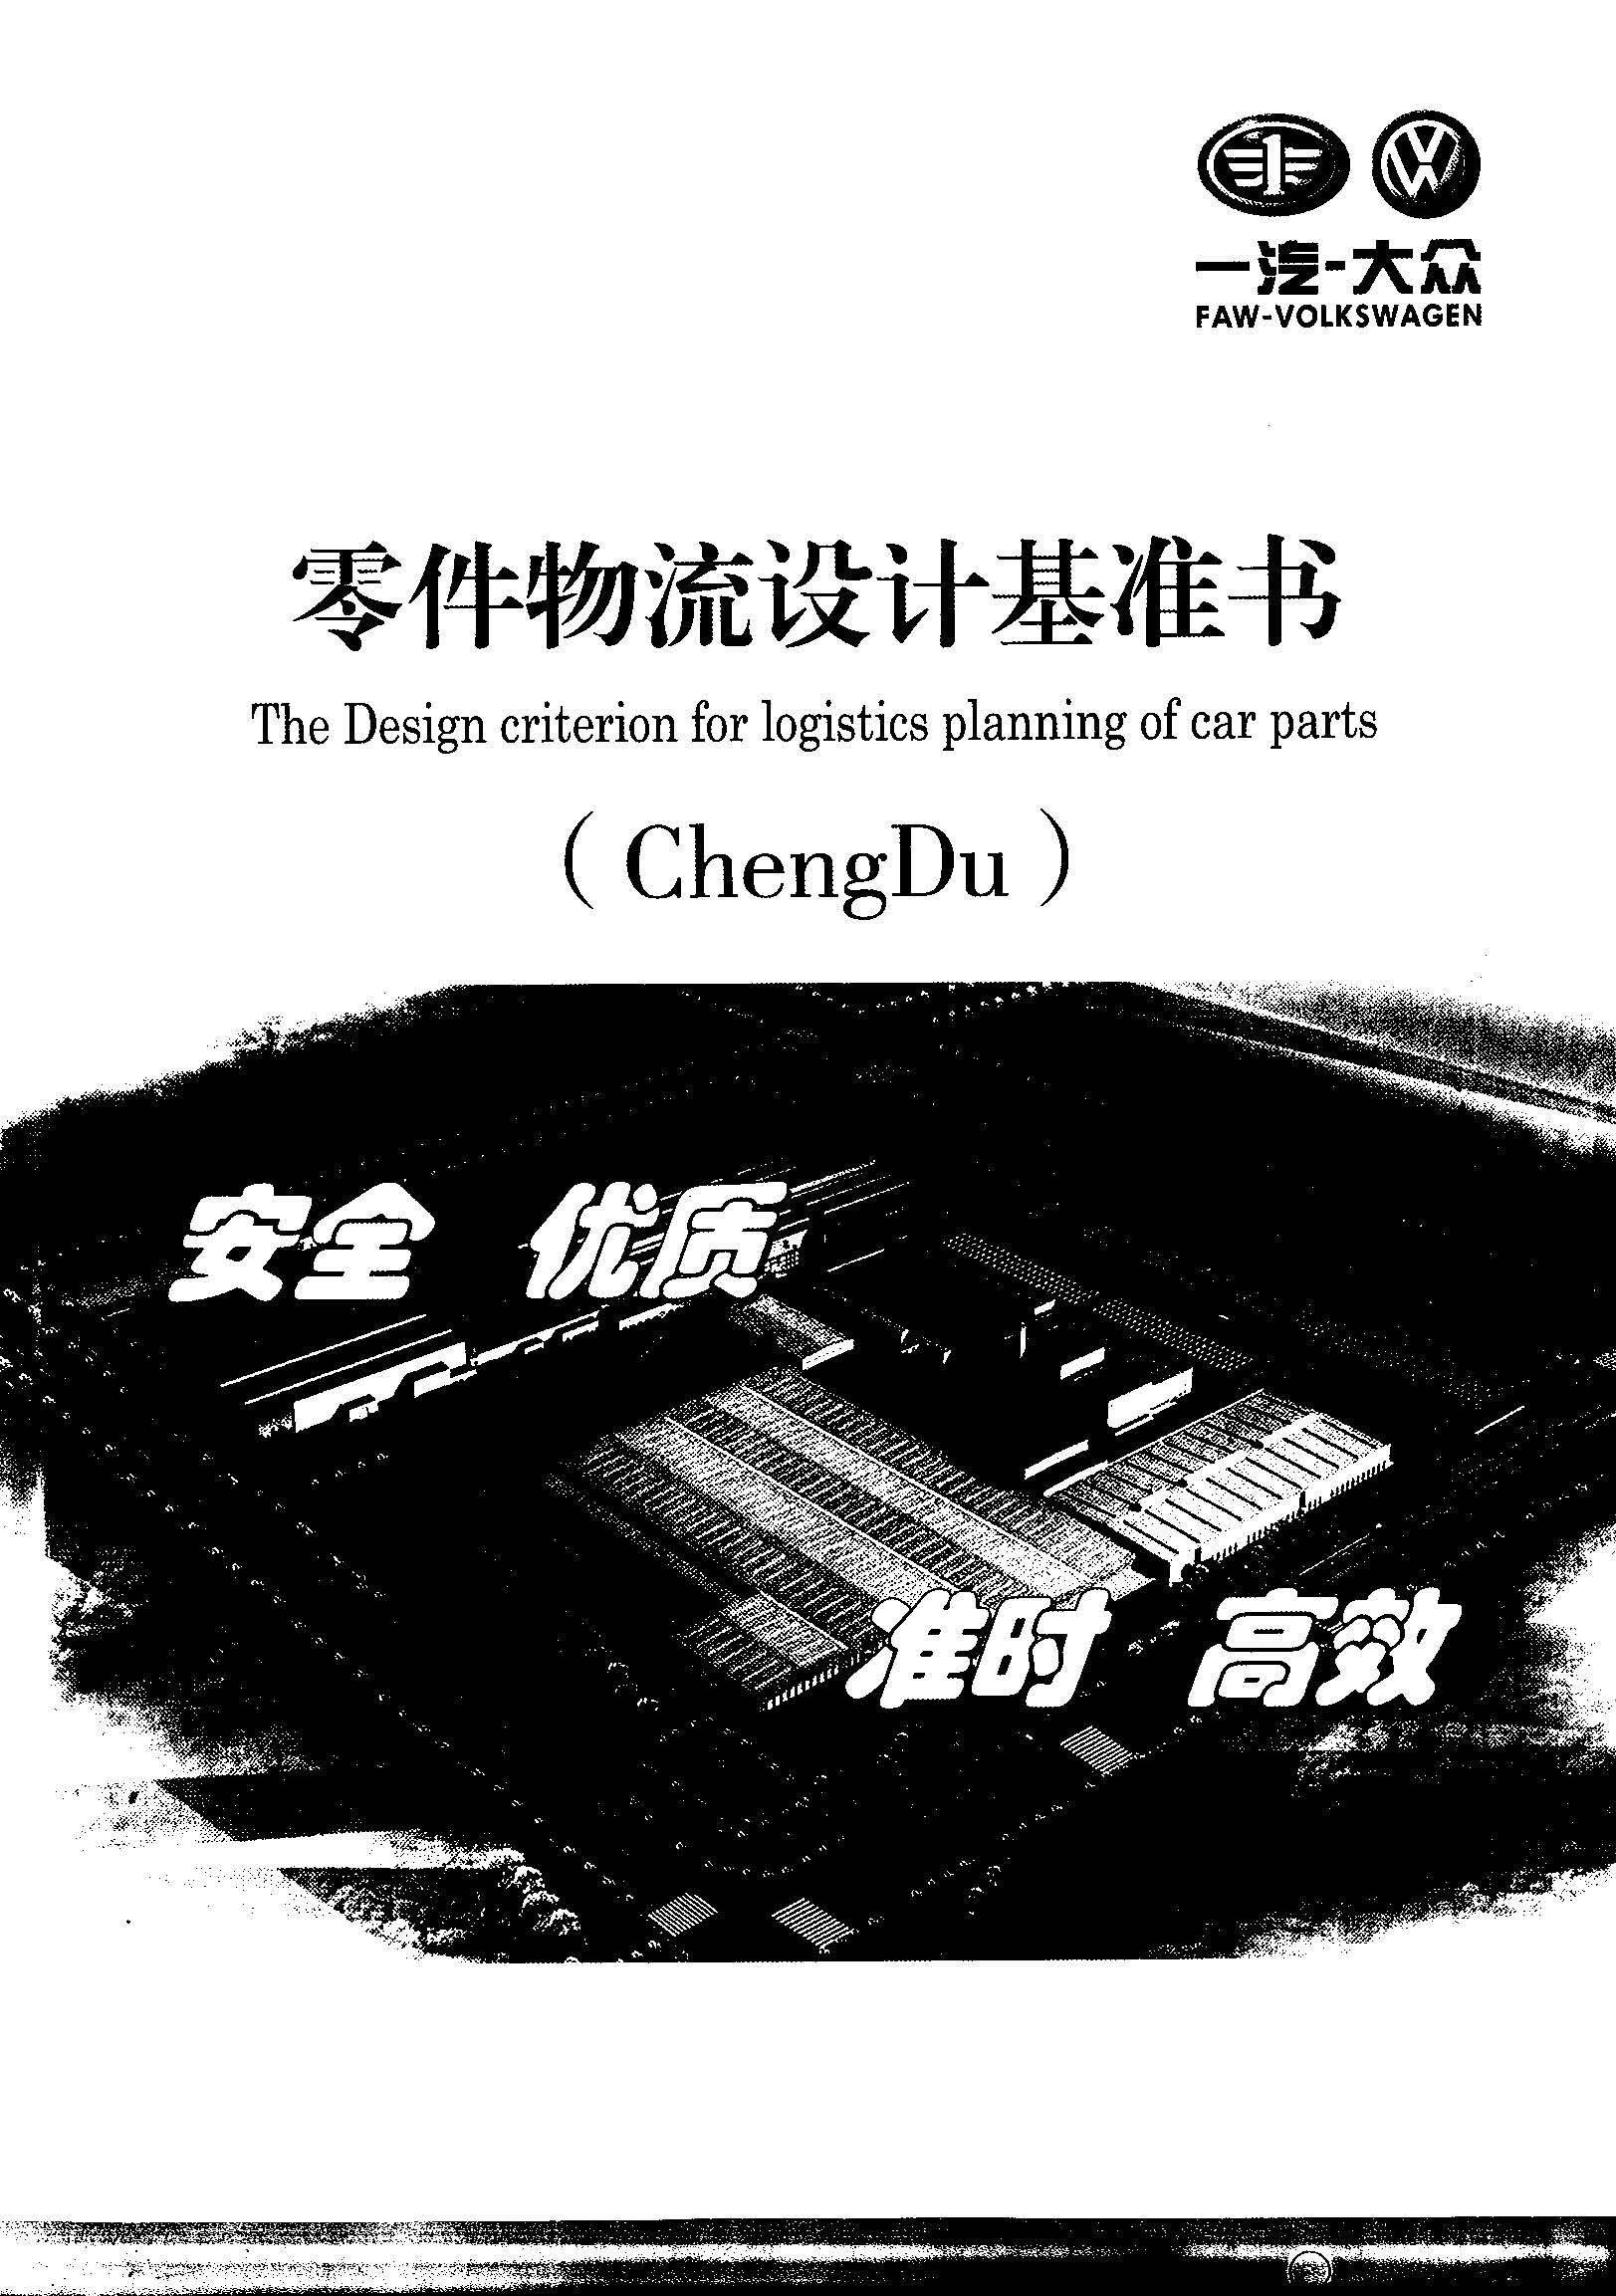 大众物流设计基准书(PDF下载)